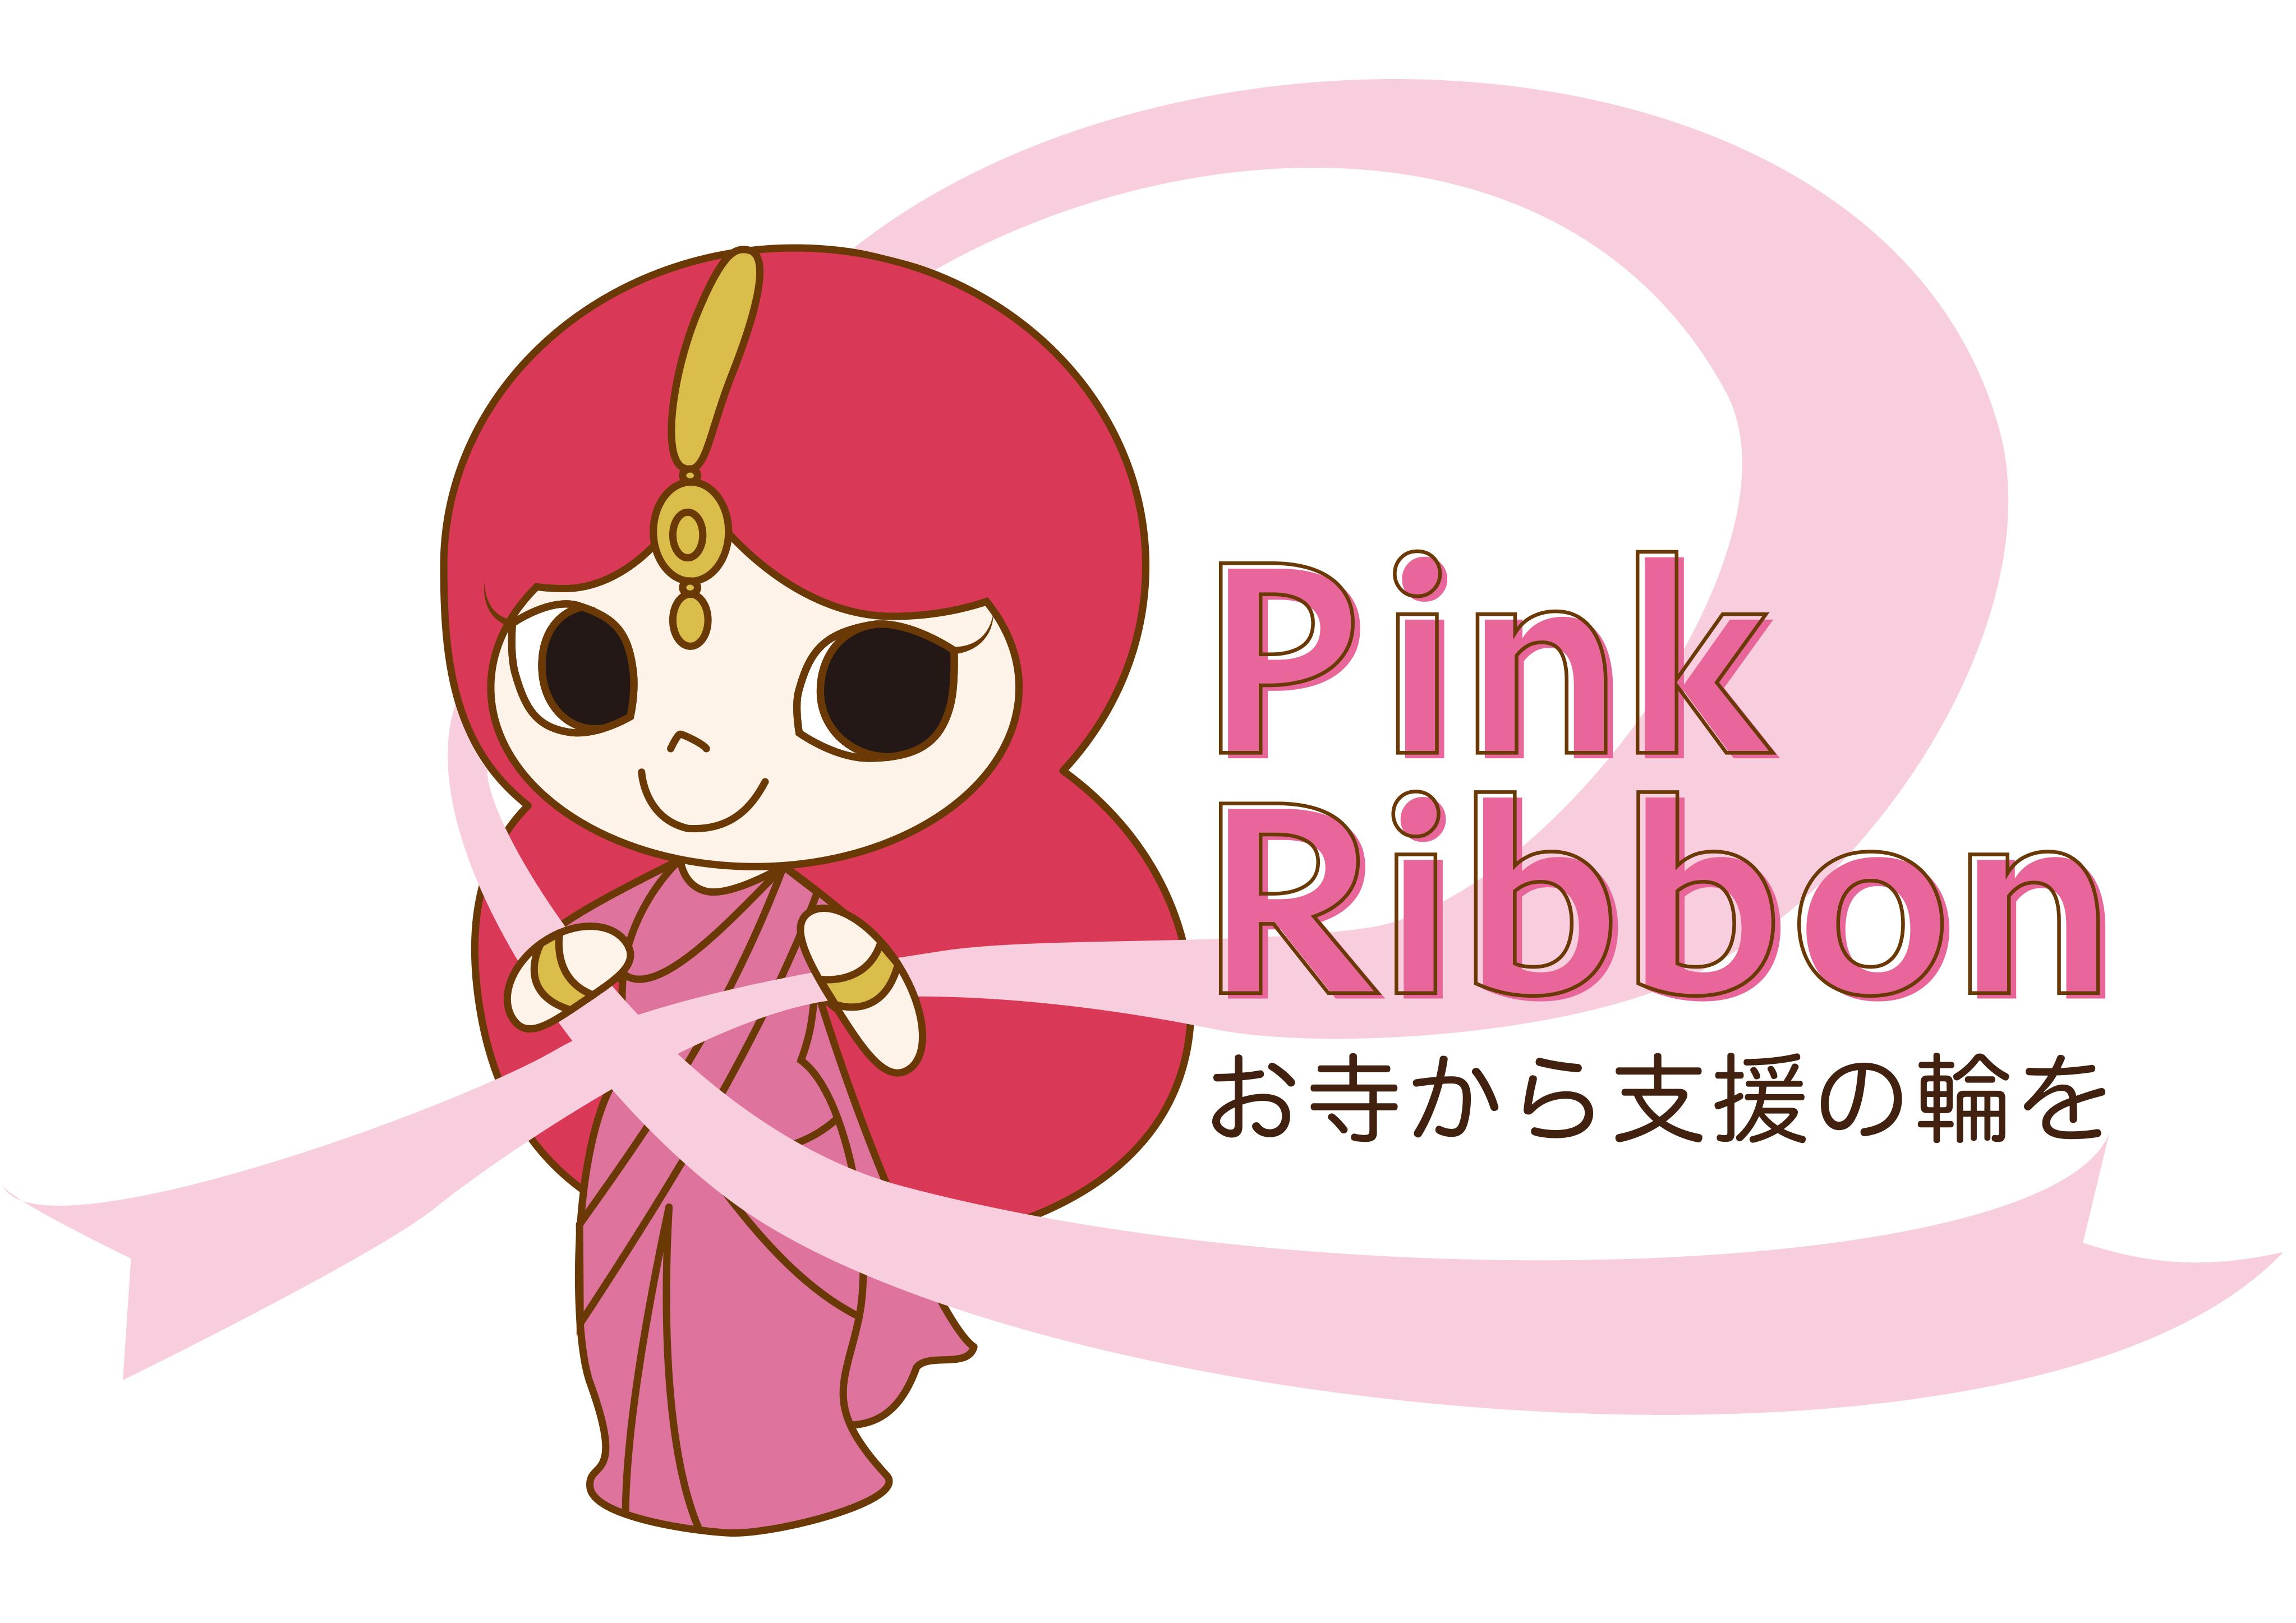 10 27 最明寺 pink ribbon festival 最明寺からのお知らせ